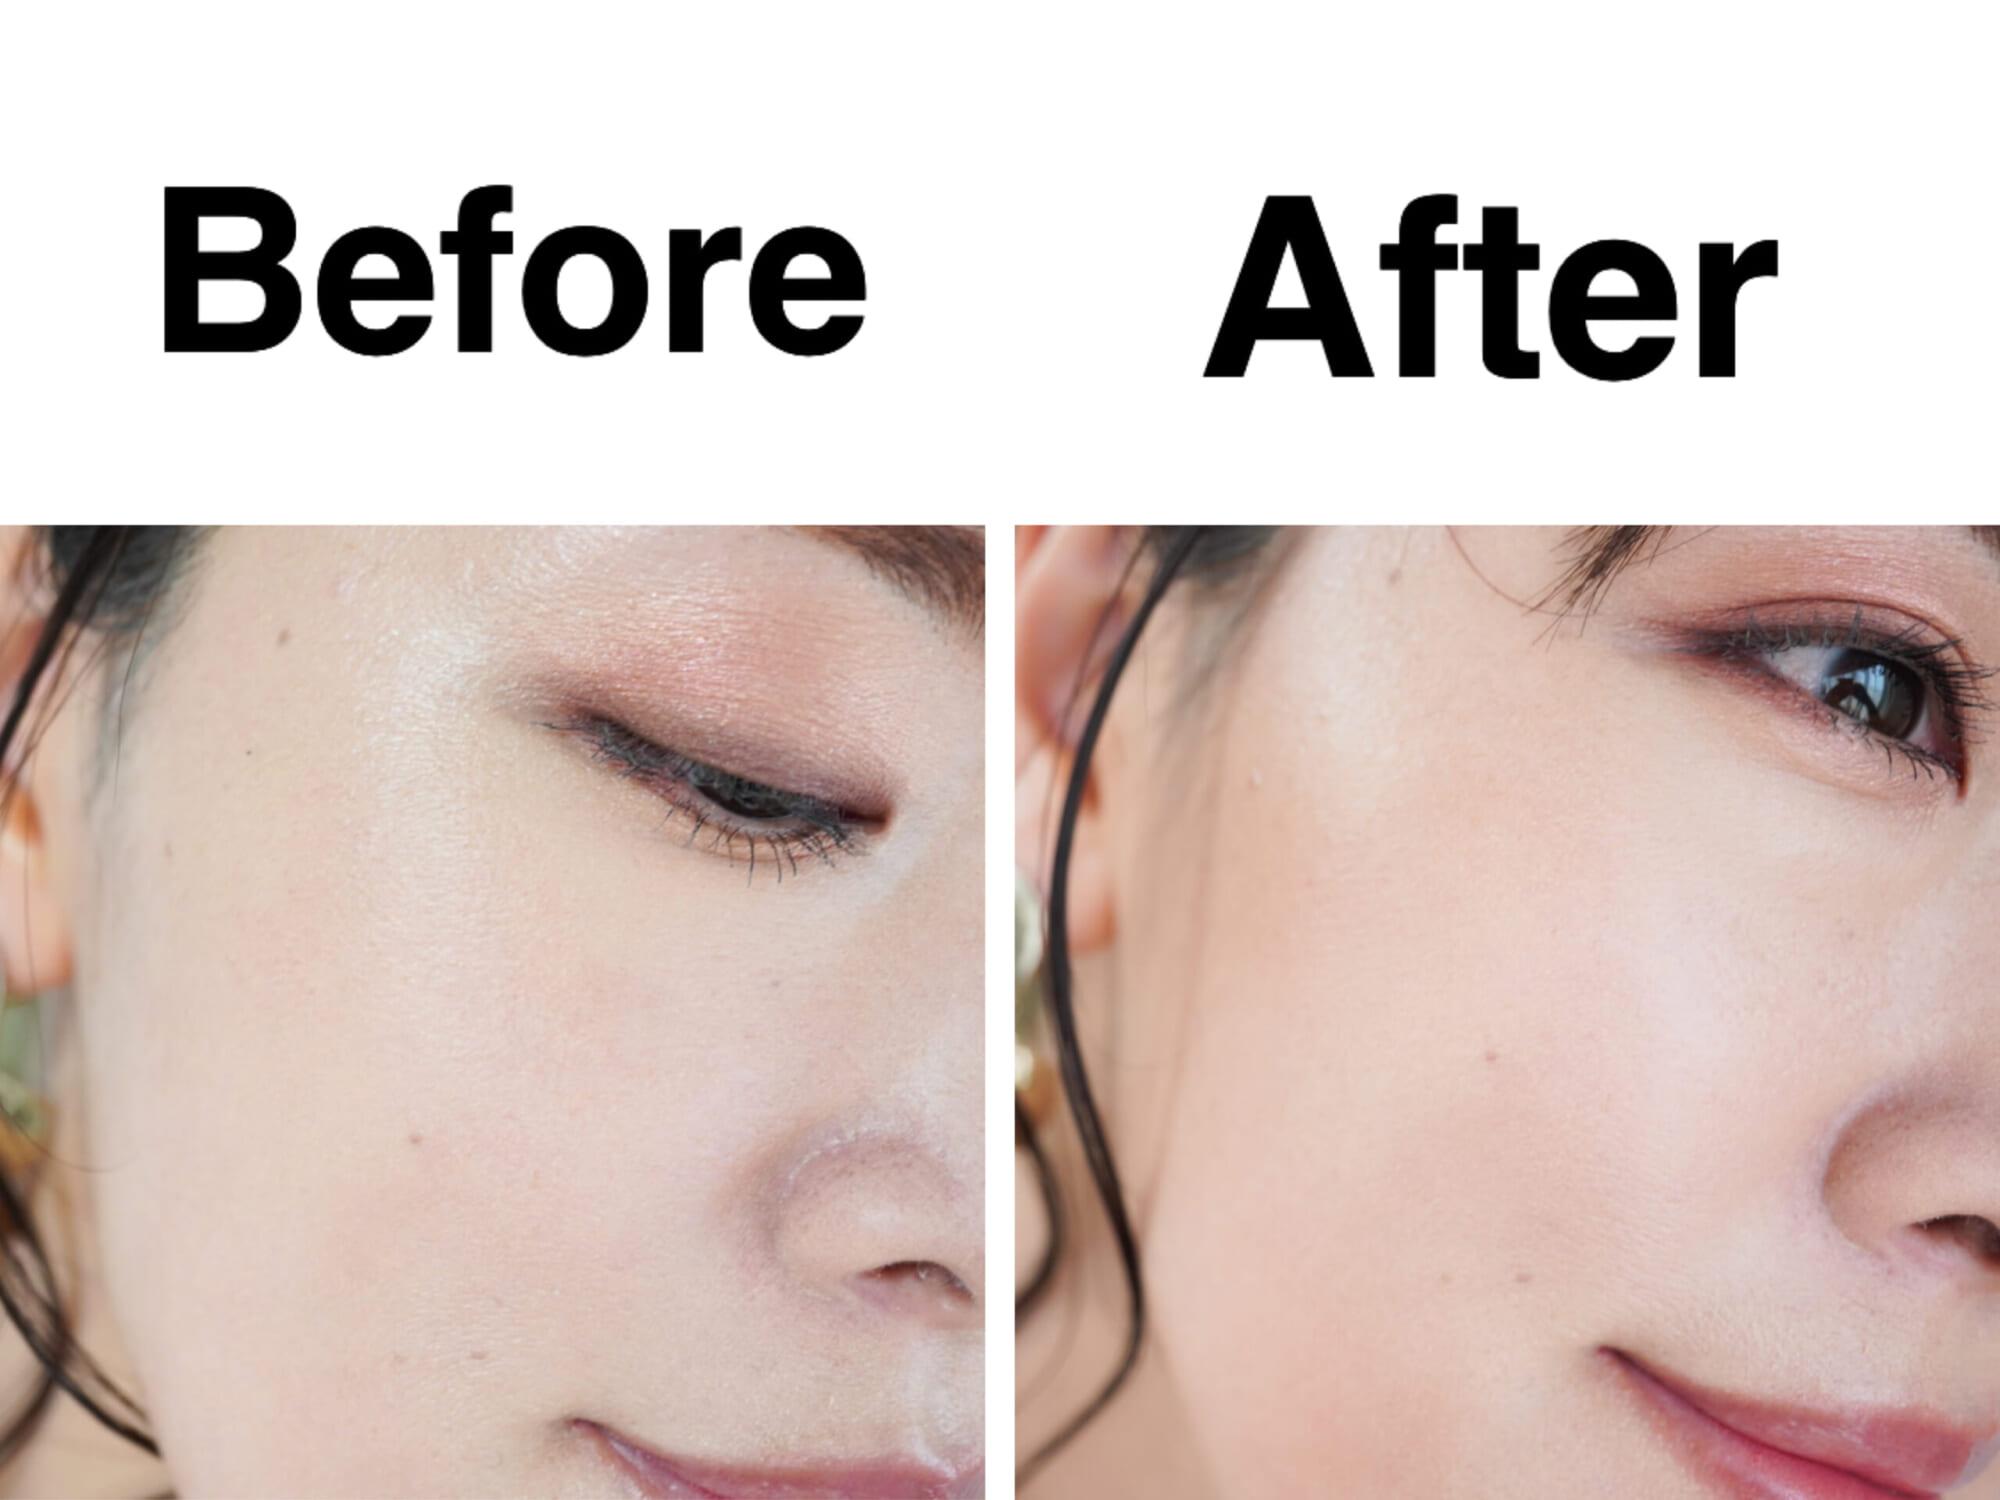 このように、シェーディングを入れるだけで顔の面積がぎゅっと狭くなったような印象に仕上がります。陰影の効果で小顔に見せることができます